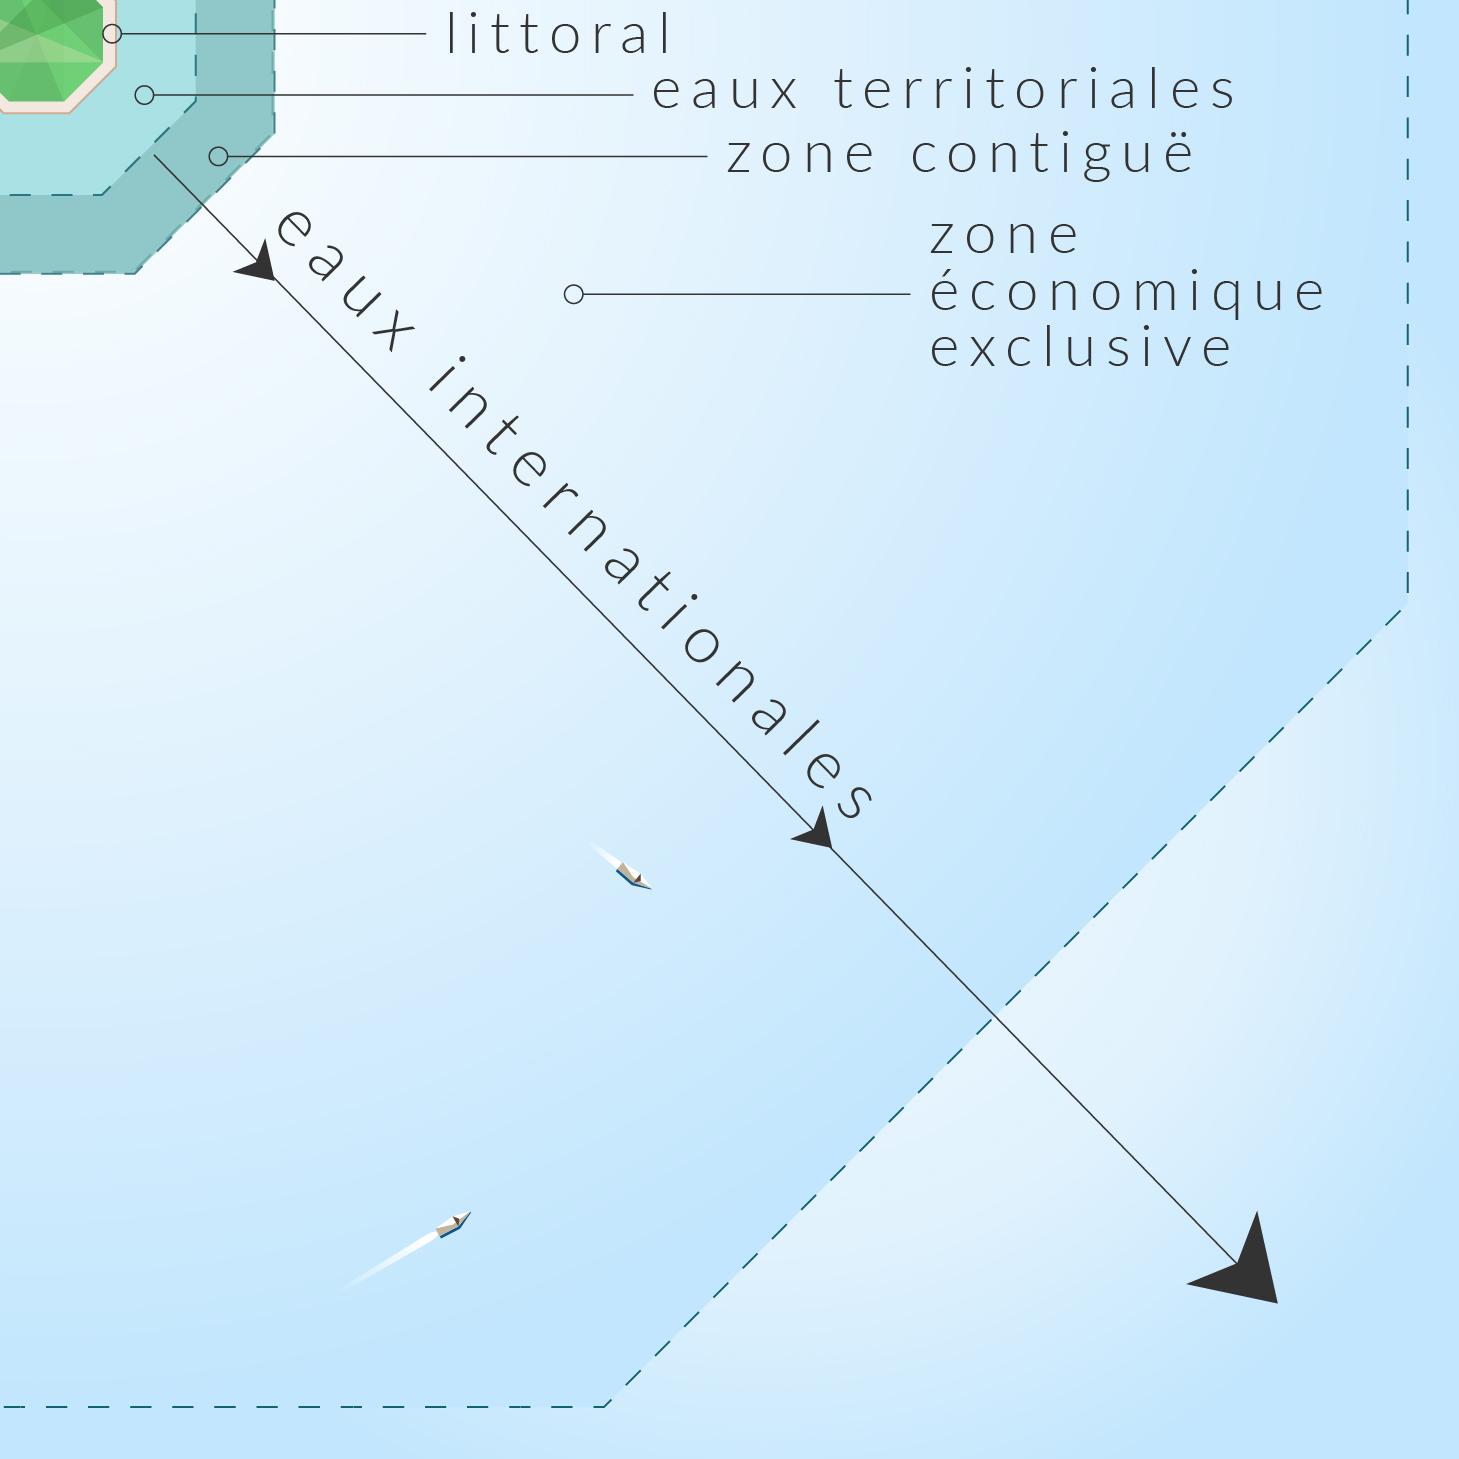 Une carte indiquant la définition des différentes zones maritimes en fonction de leur distance du littoral (Département d'État)